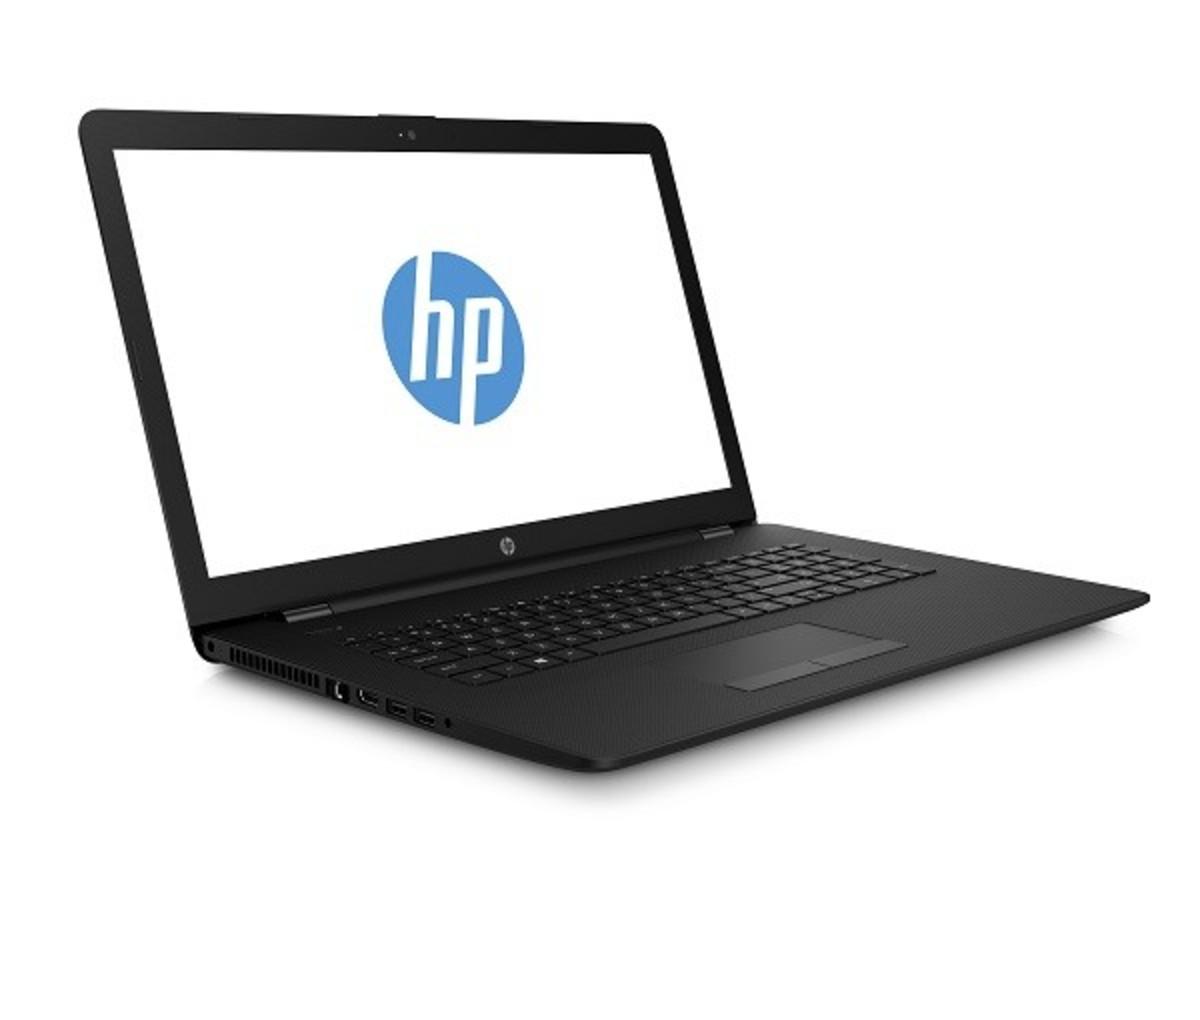 Bild 2 von HP Notebook 17-bs054ng | B-Ware